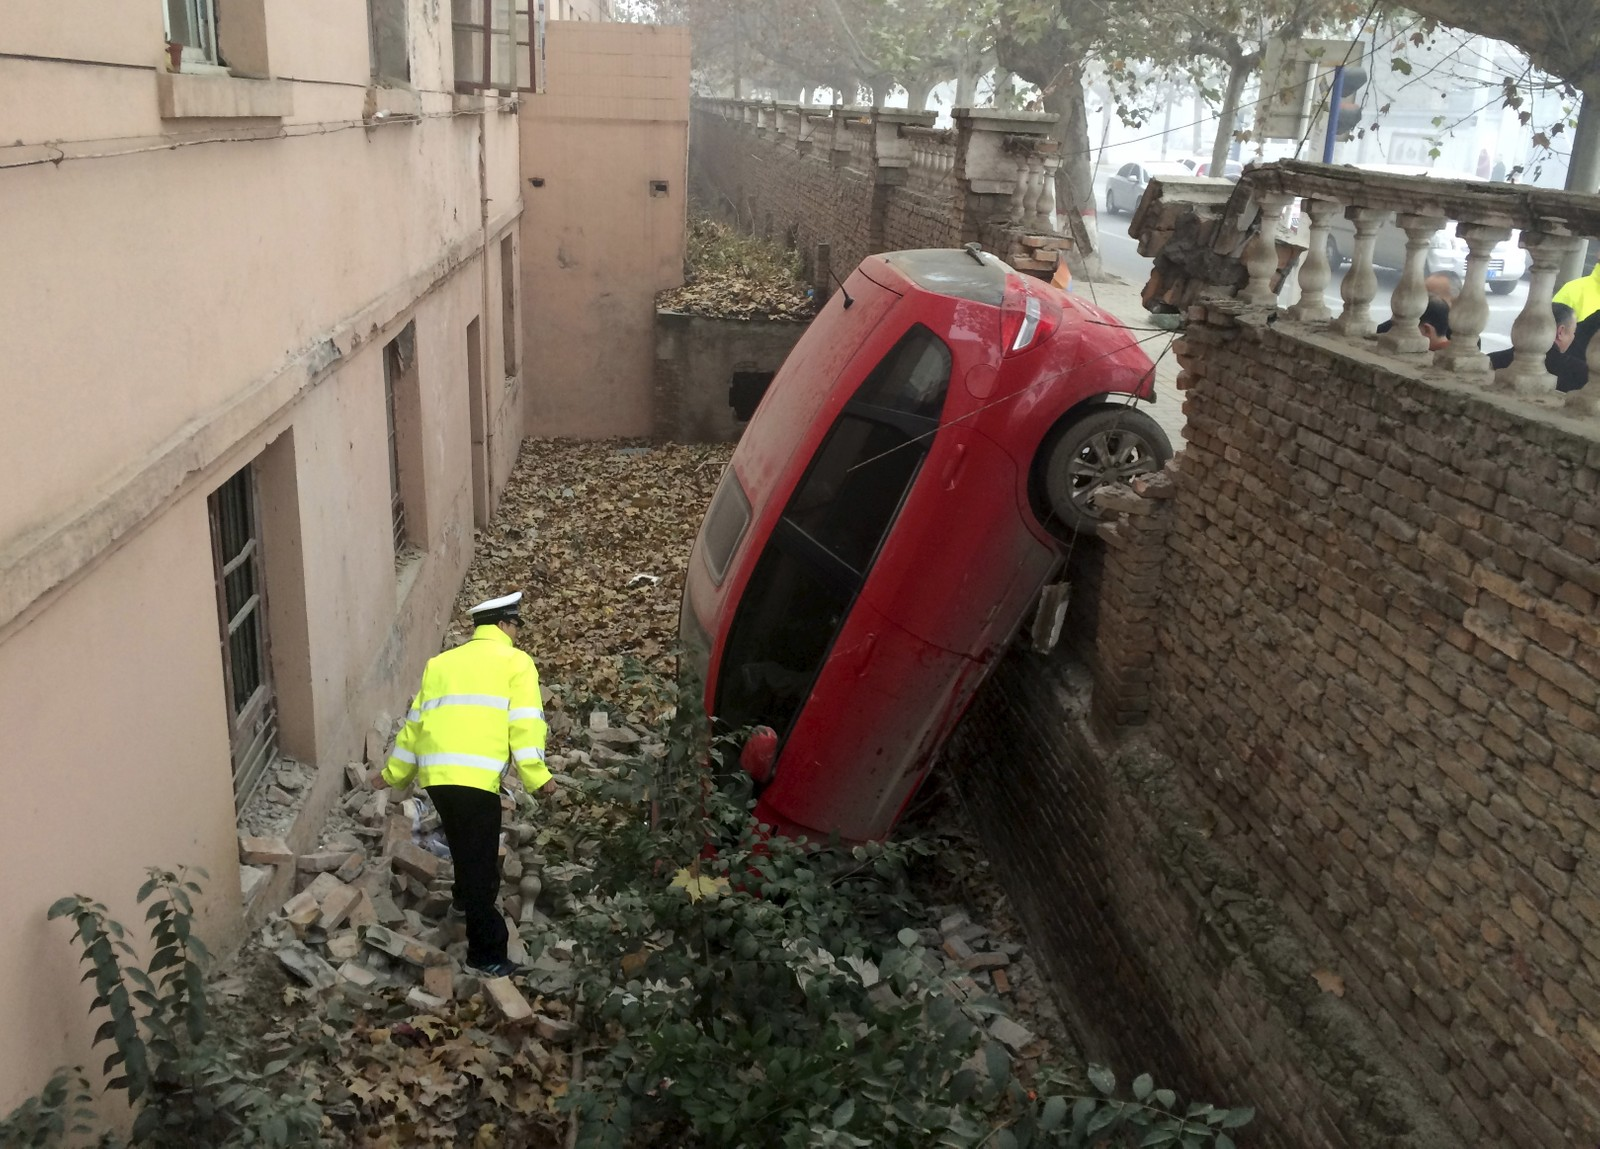 Tåke skal ha vært årsaken til at denne bilen kjørte av veien og landet med fronten ned i Xianyang, Kina, melder nyhetsbyrået Reuters. Sjåføren skal imidlertid ha kommet fra det uten nevneverdige skader.